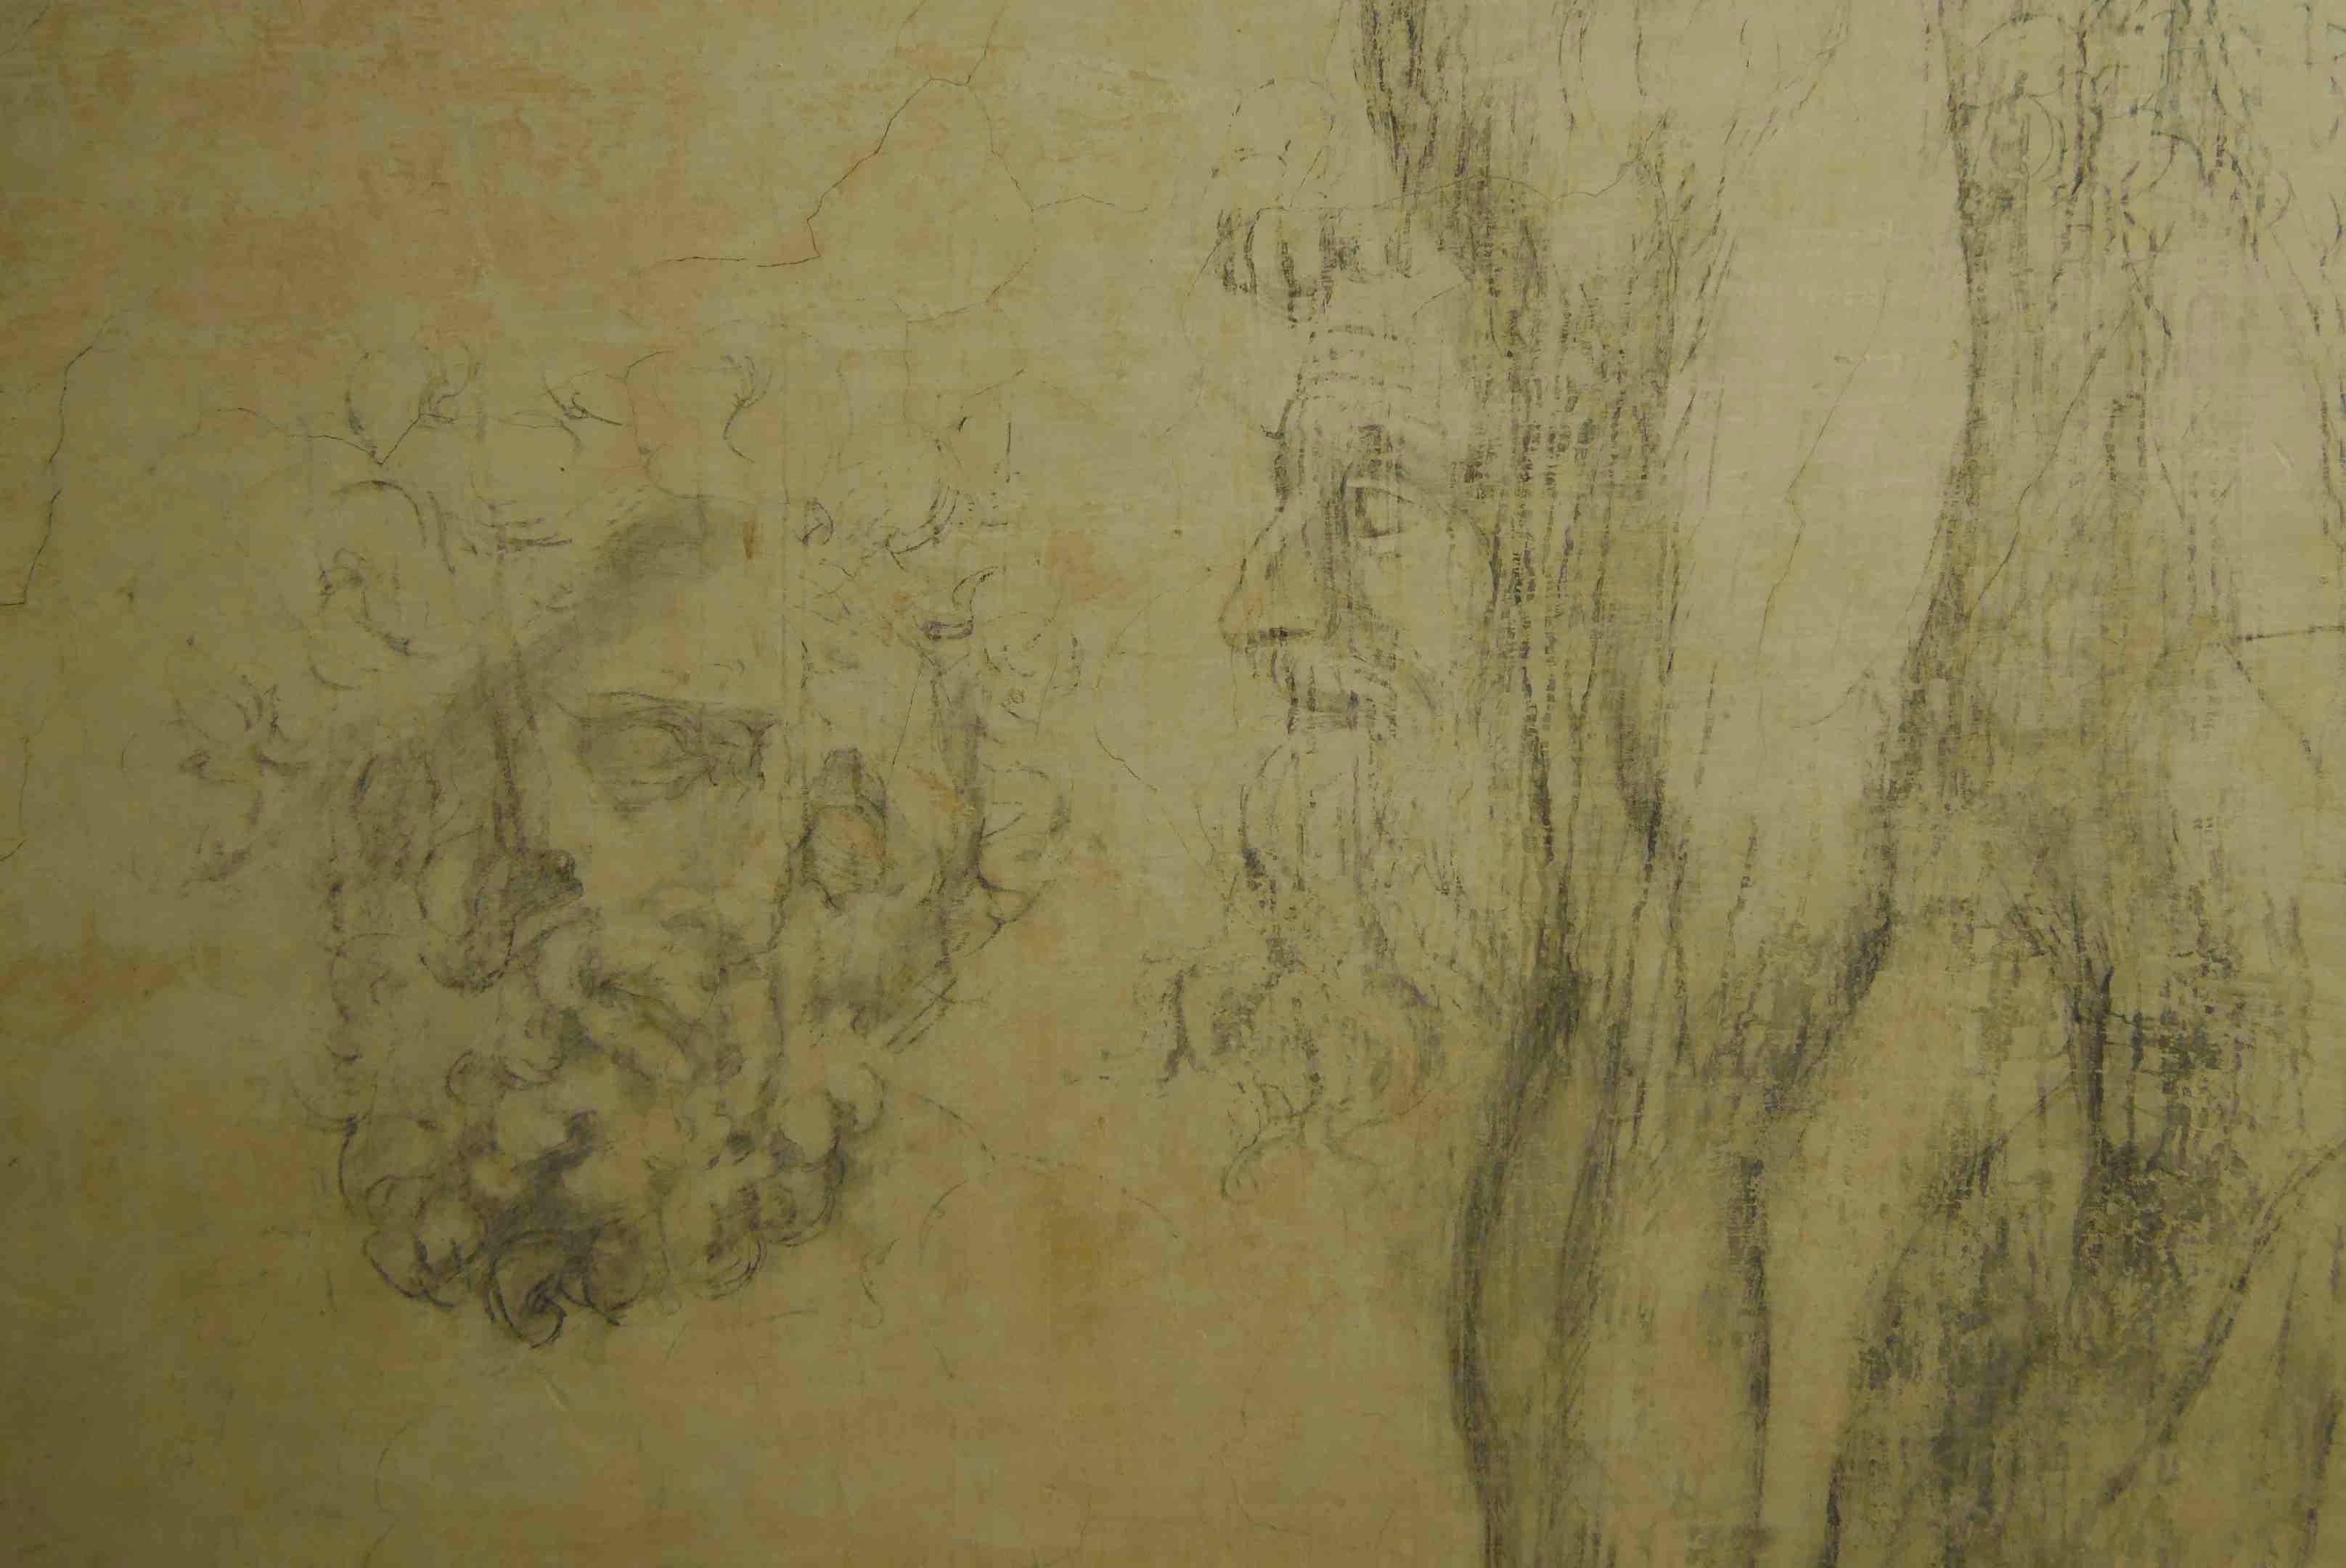 Chambre secrète Michelangelo Alidifirenze4